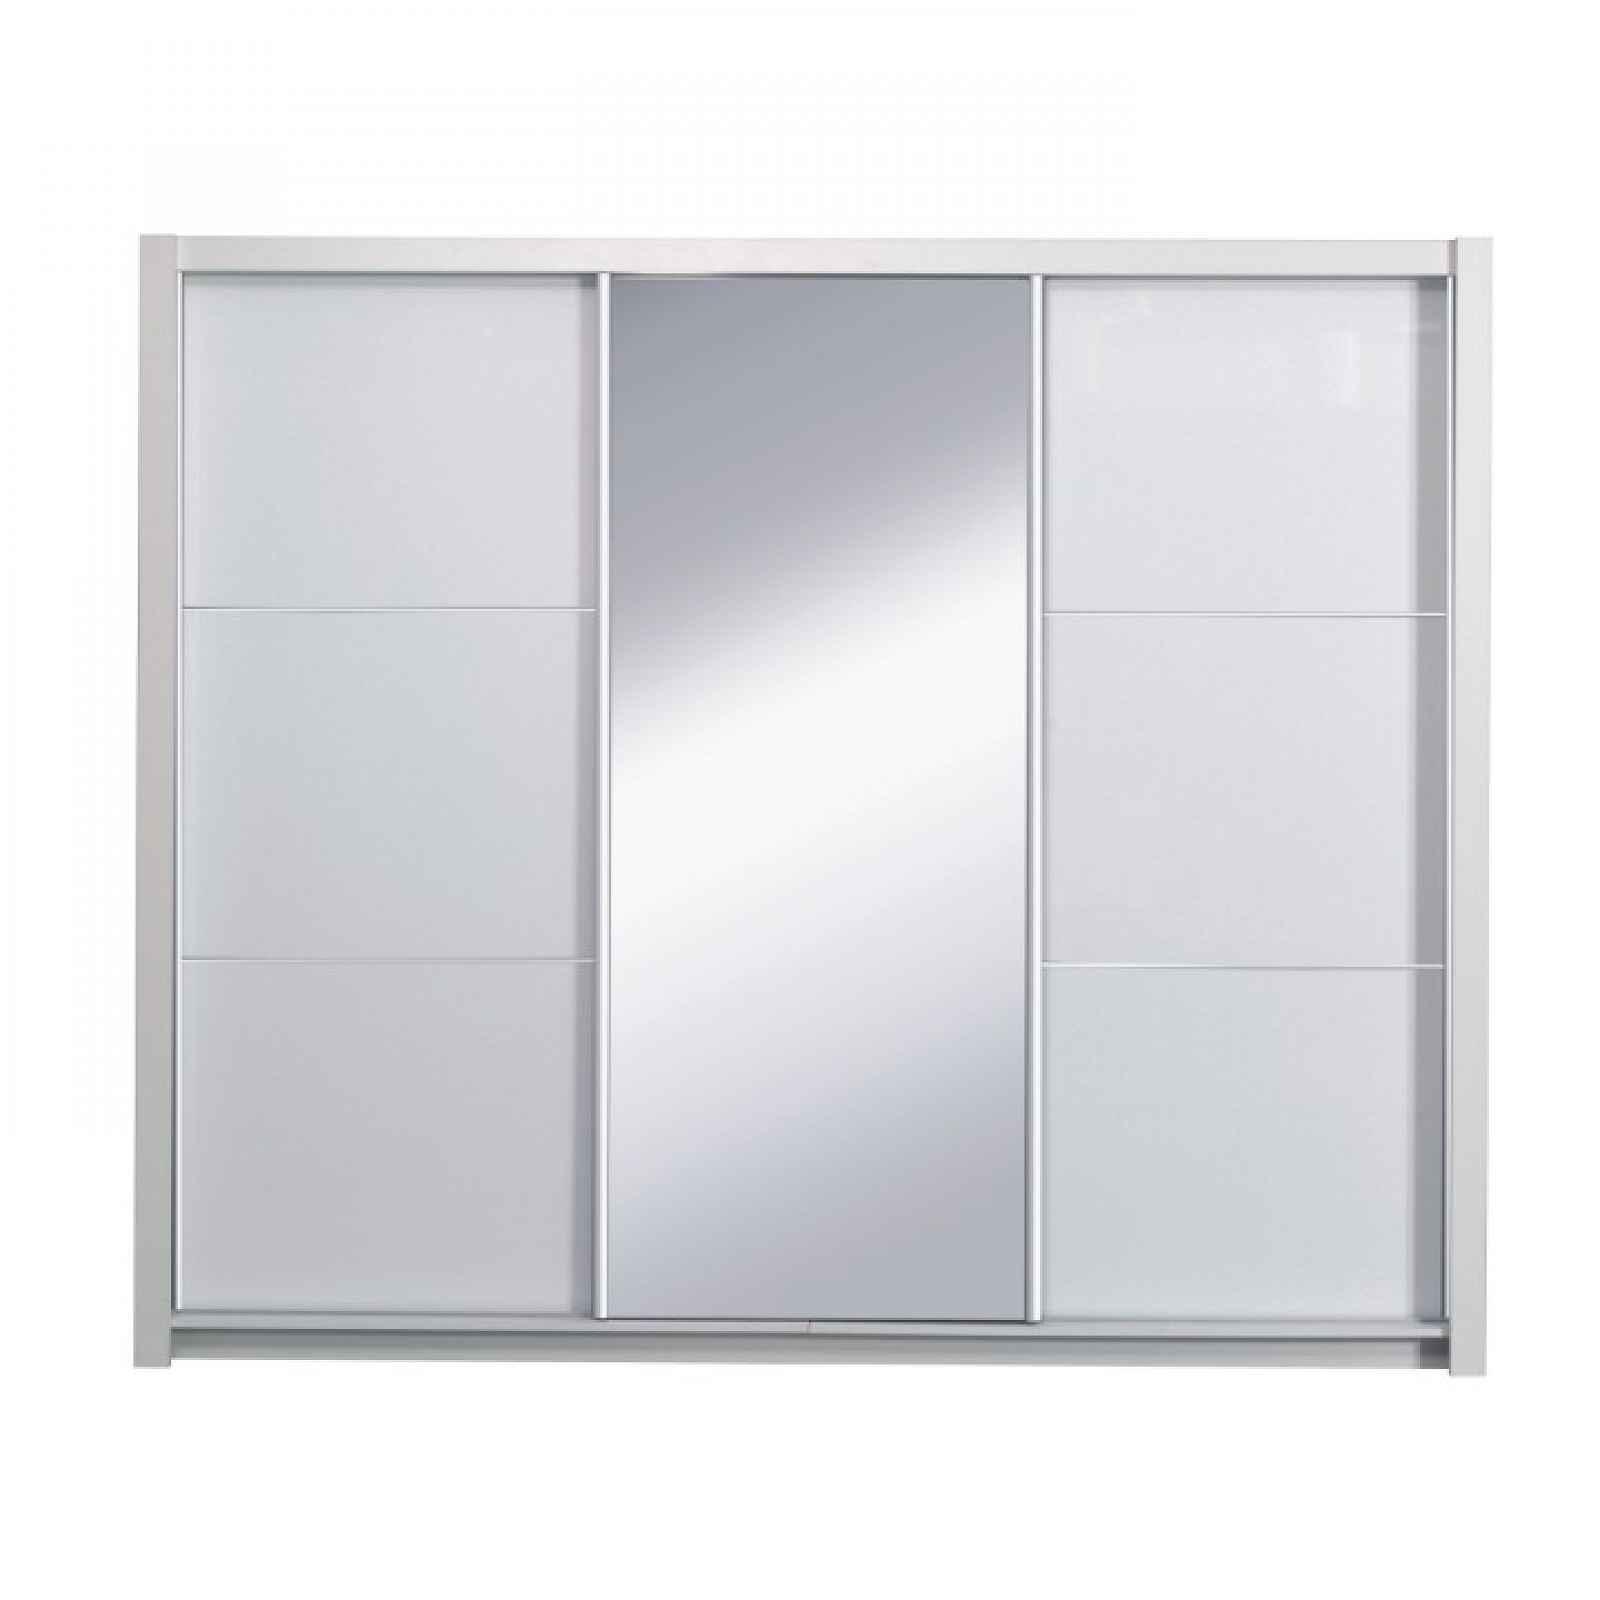 Skříň s posuvnými dveřmi, bílá / vysoký bílý lesk, 258x213, ASIENA 0000210566 Tempo Kondela